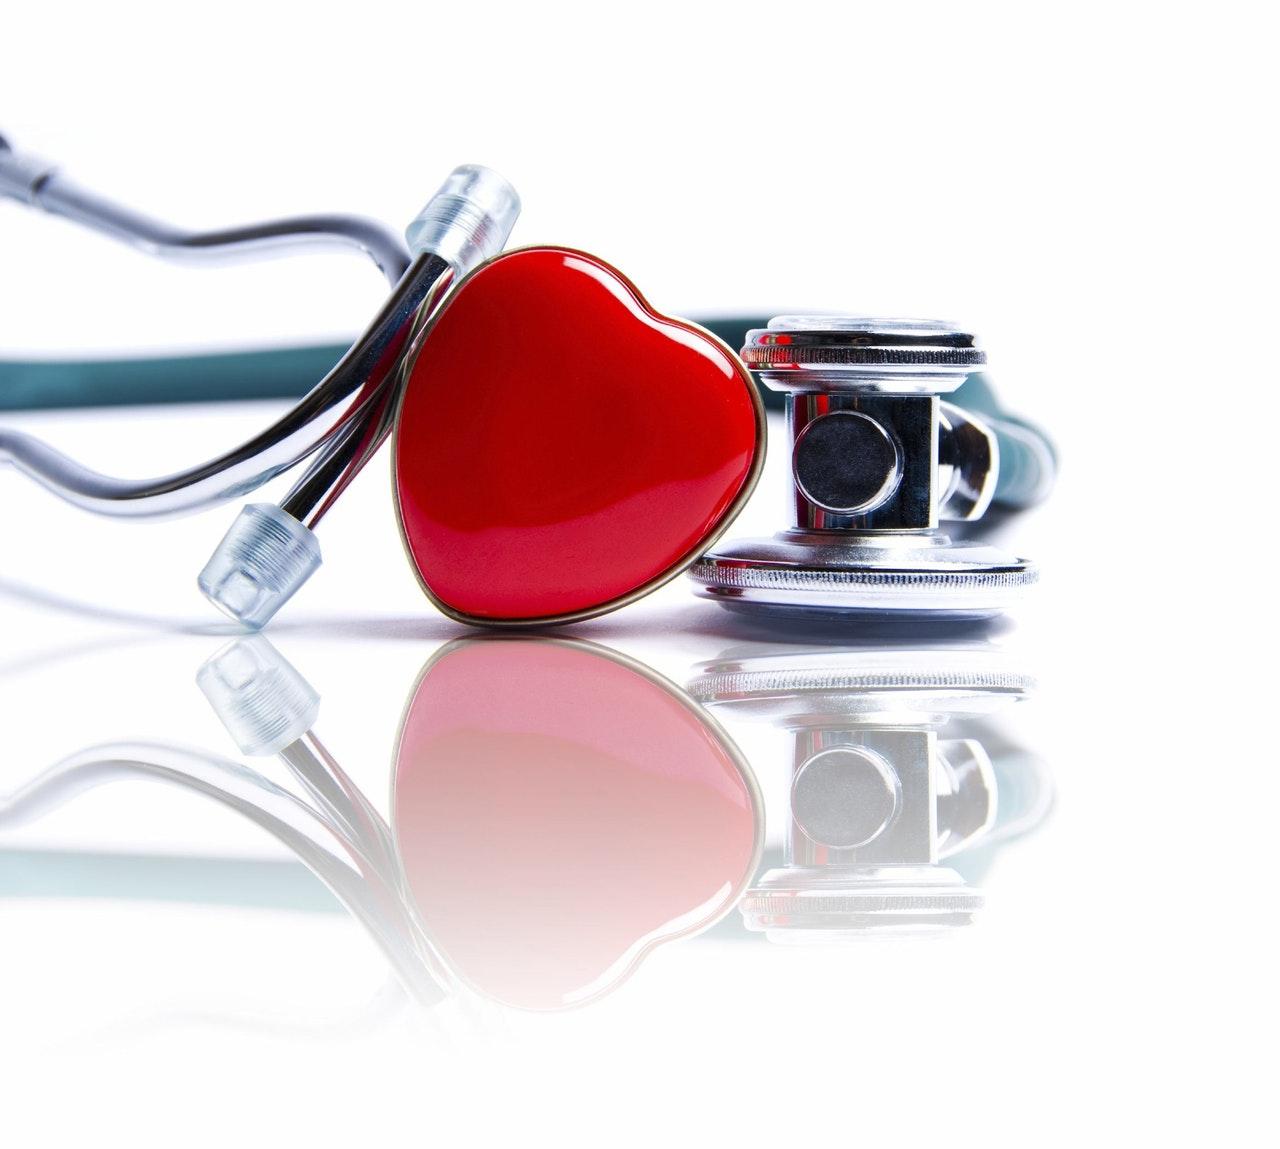 Kuracje dla zdrowia polecane przez specjalistów